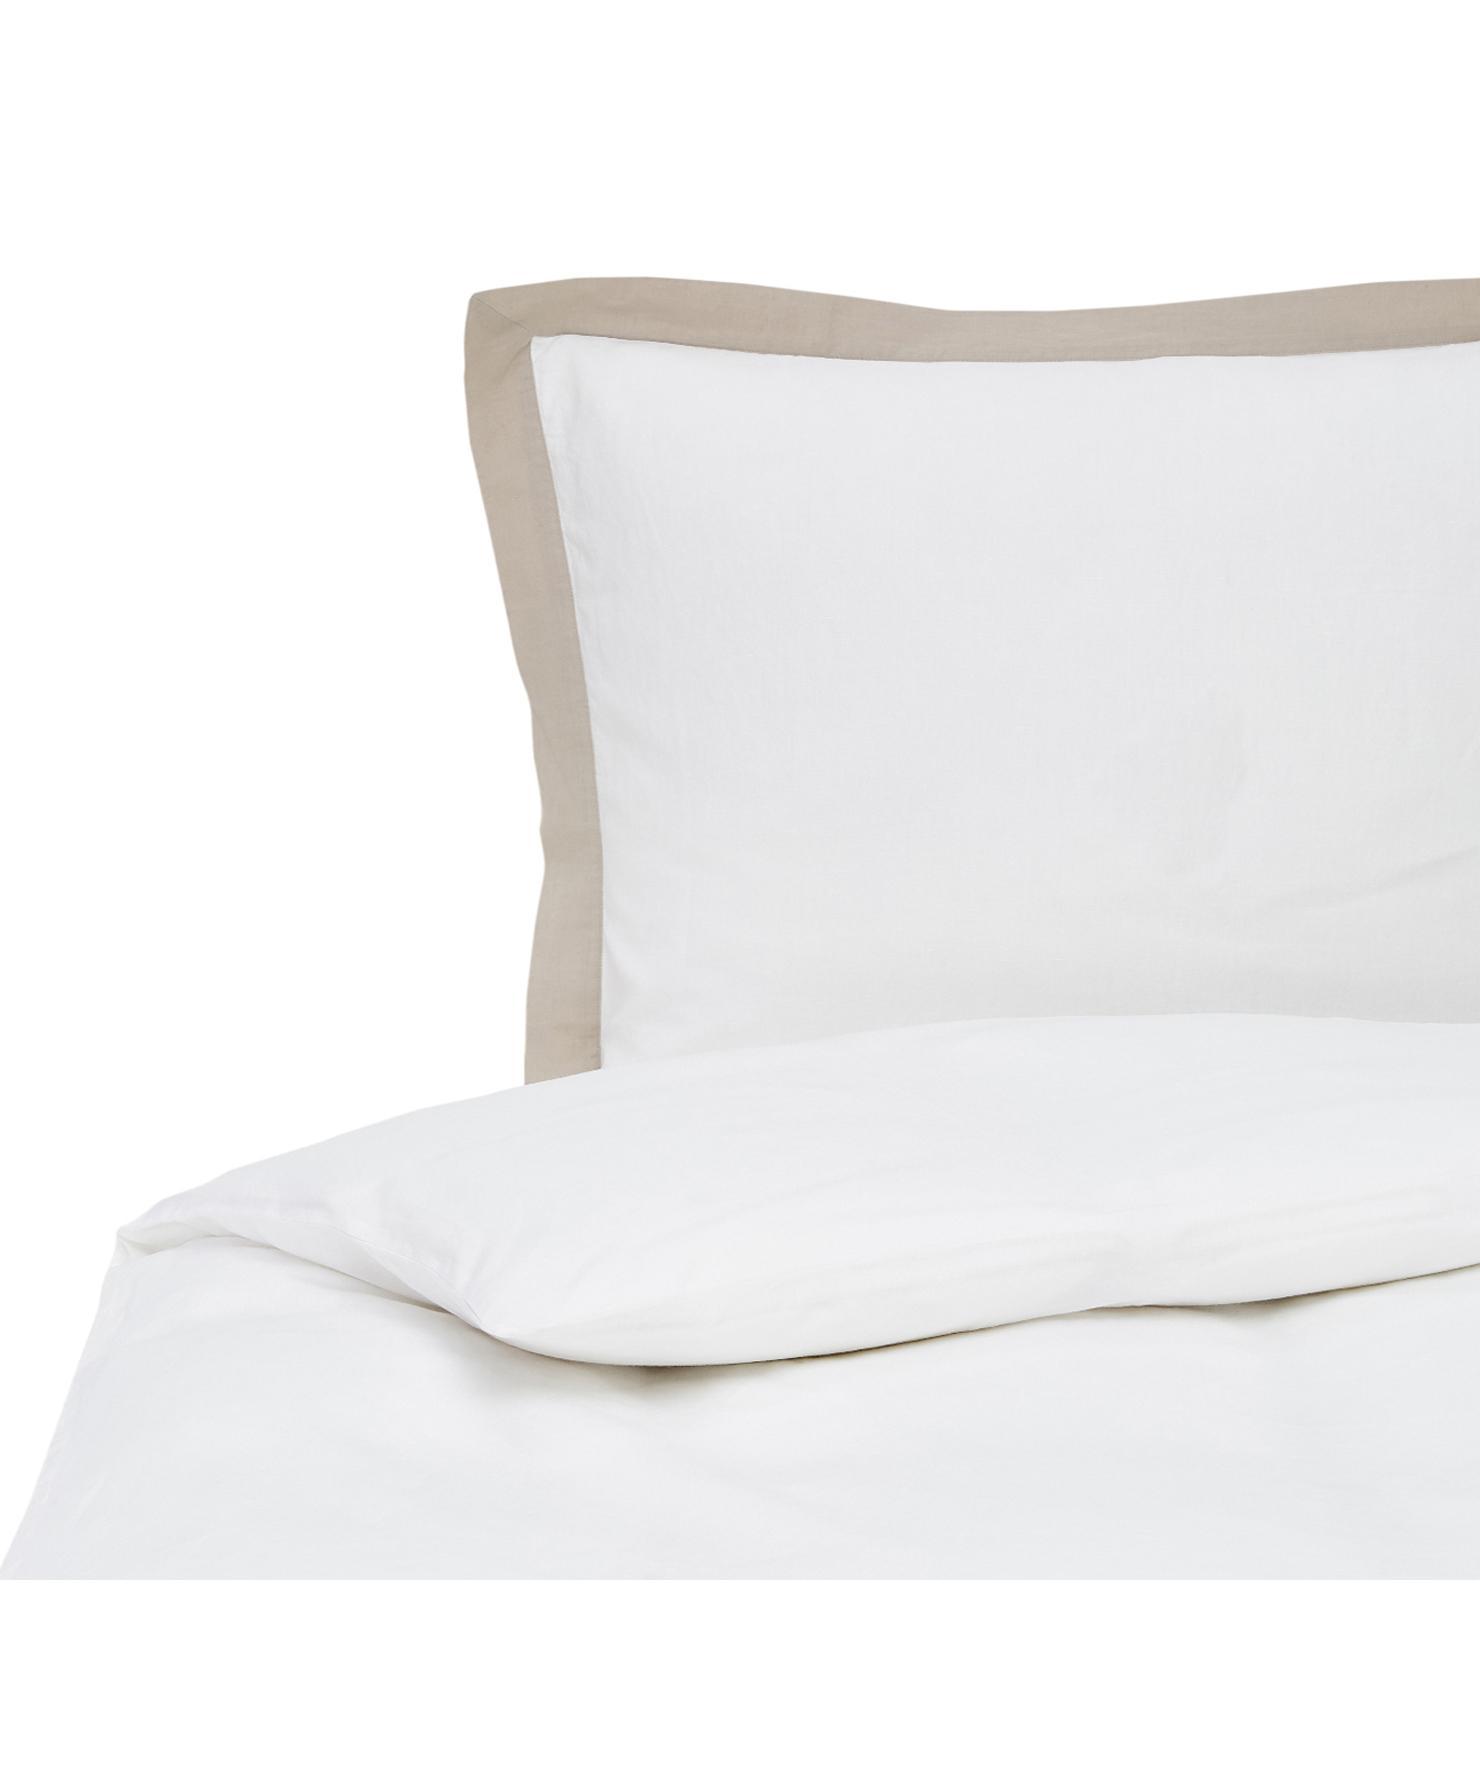 Gewaschene Leinen-Bettwäsche Eleanore in Weiß/Beige, Halbleinen (52% Leinen, 48% Baumwolle)  Fadendichte 136 TC, Standard Qualität  Halbleinen hat von Natur aus einen kernigen Griff und einen natürlichen Knitterlook, der durch den Stonewash-Effekt verstärkt wird. Es absorbiert bis zu 35% Luftfeuchtigkeit, trocknet sehr schnell und wirkt in Sommernächten angenehm kühlend. Die hohe Reißfestigkeit macht Halbleinen scheuerfest und strapazierfähig., Weiß, Beige, 135 x 200 cm + 1 Kissen 80 x 80 cm